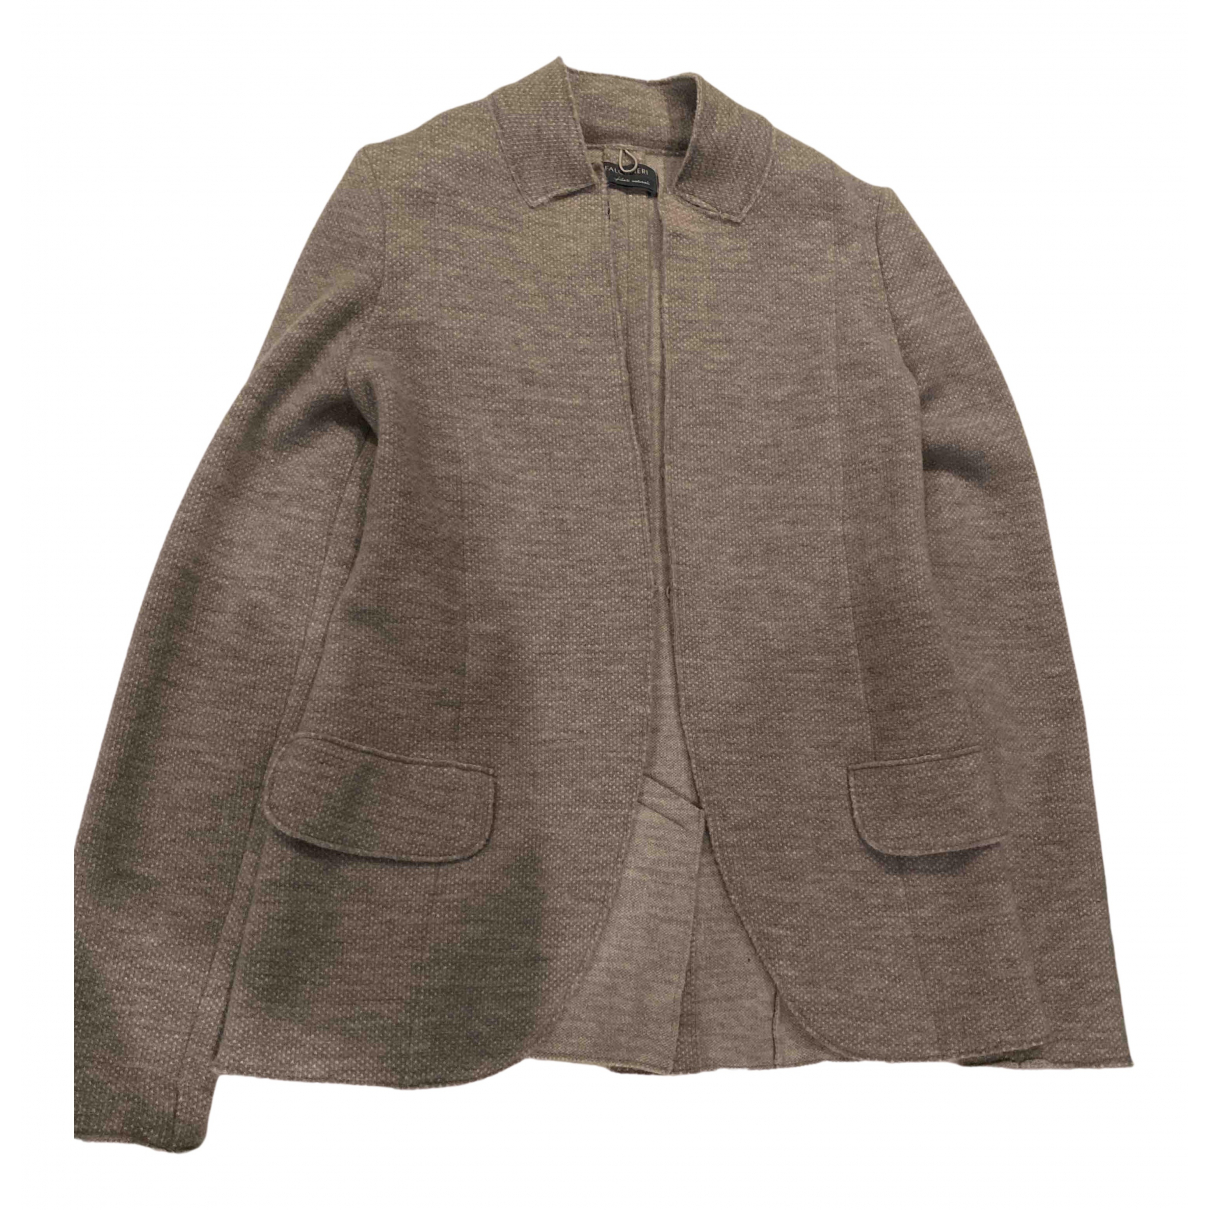 Falconeri \N Jacke in  Beige Wolle